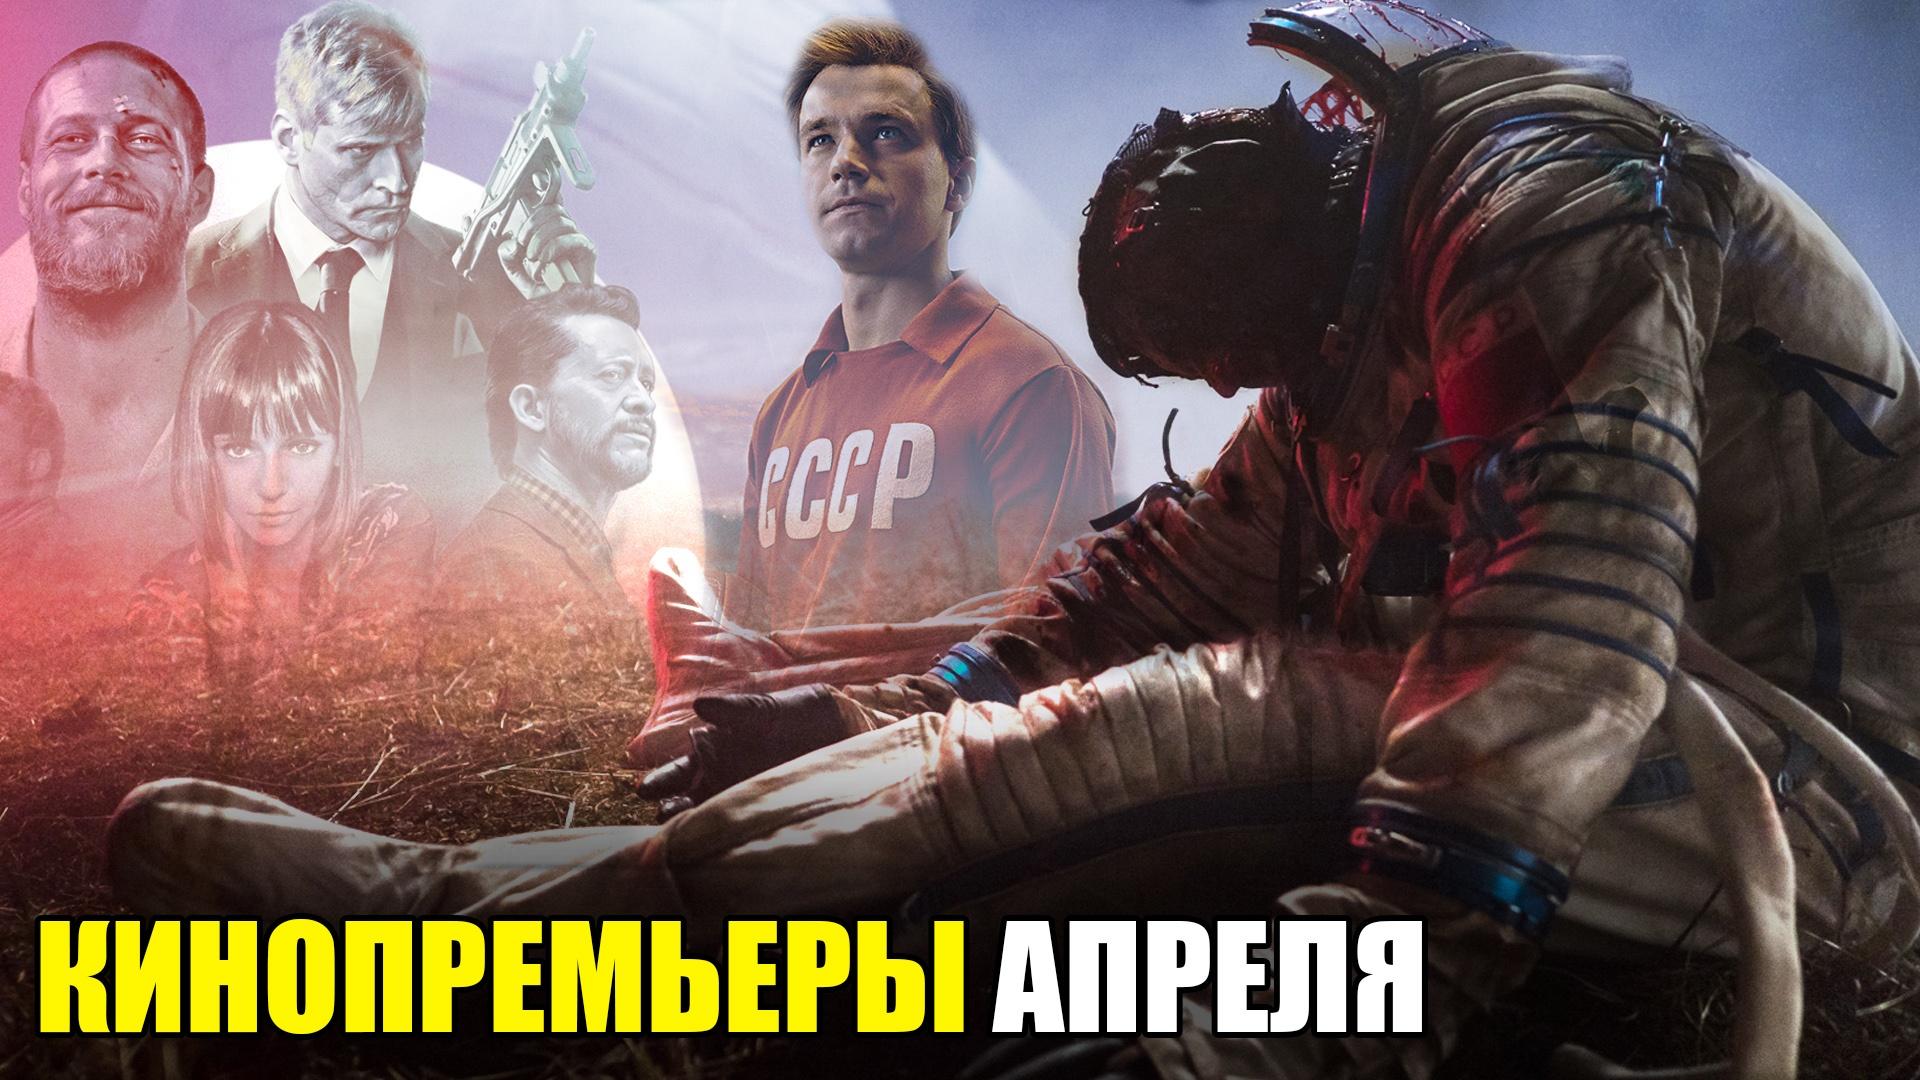 Кинопремьеры апреля 2020 г.